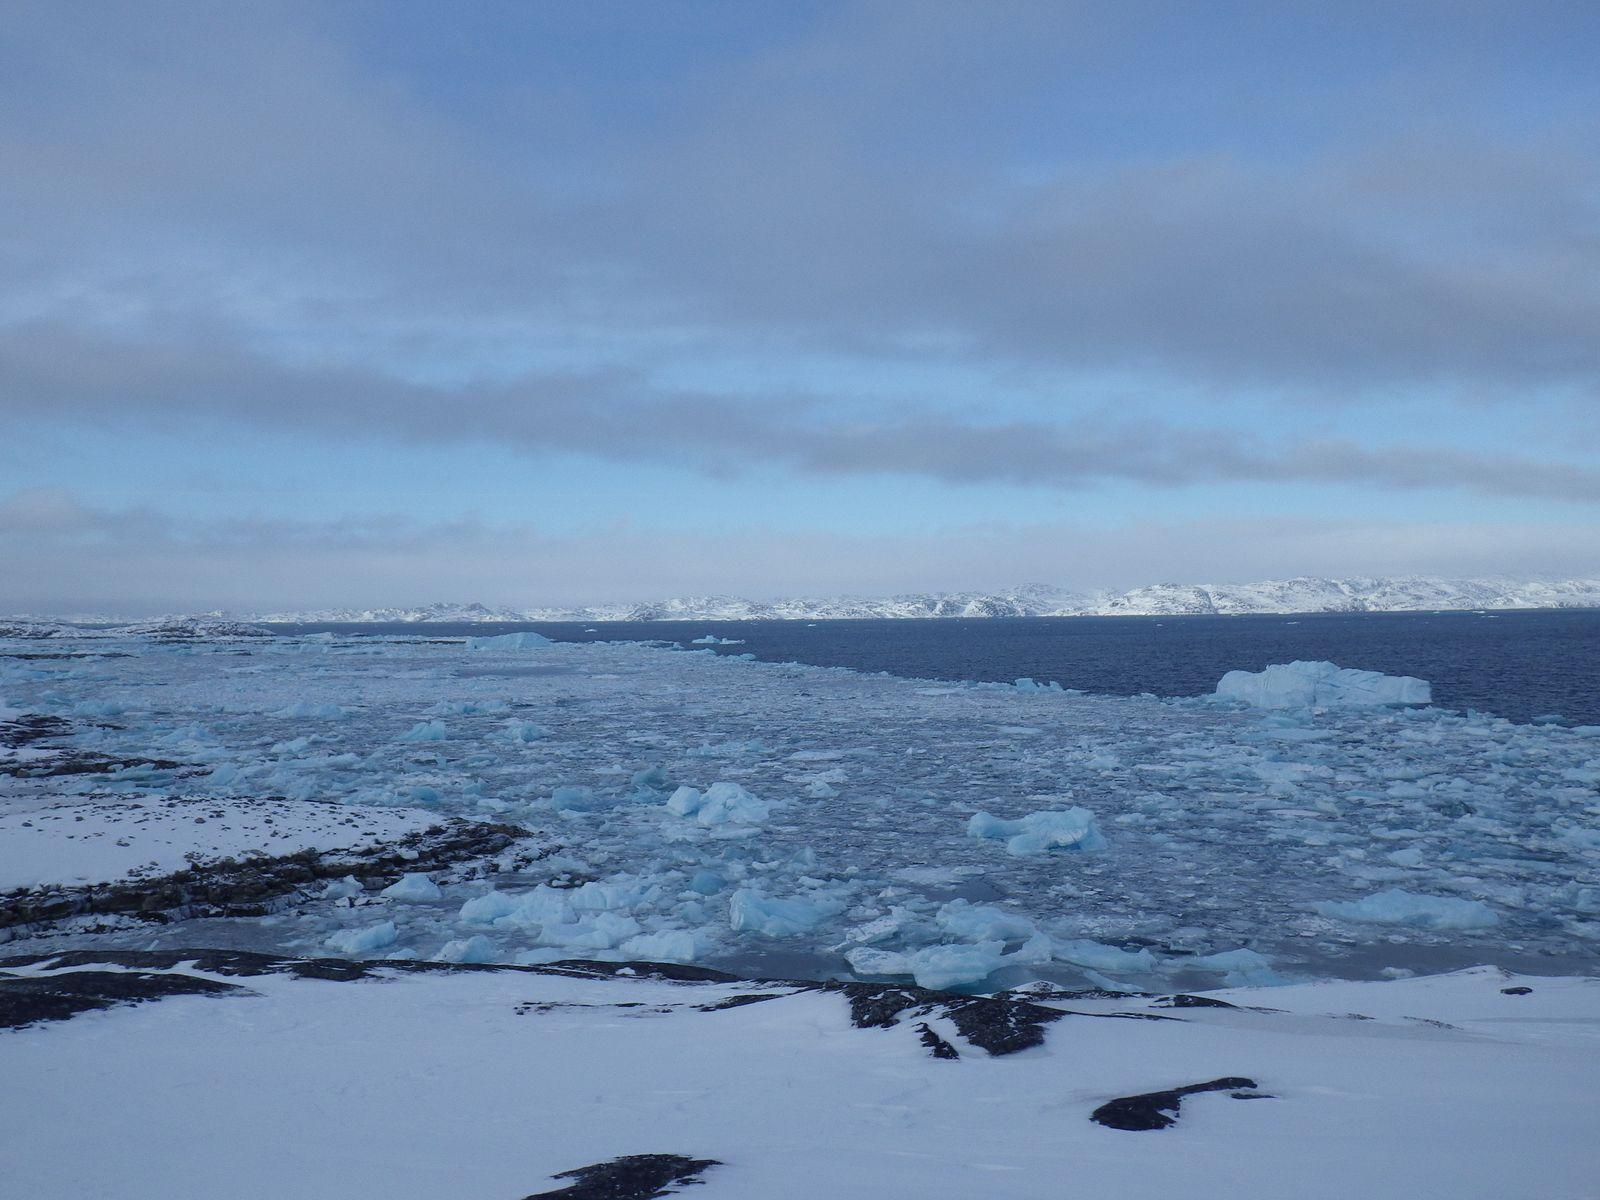 2013-02-20-1641_-_issamling